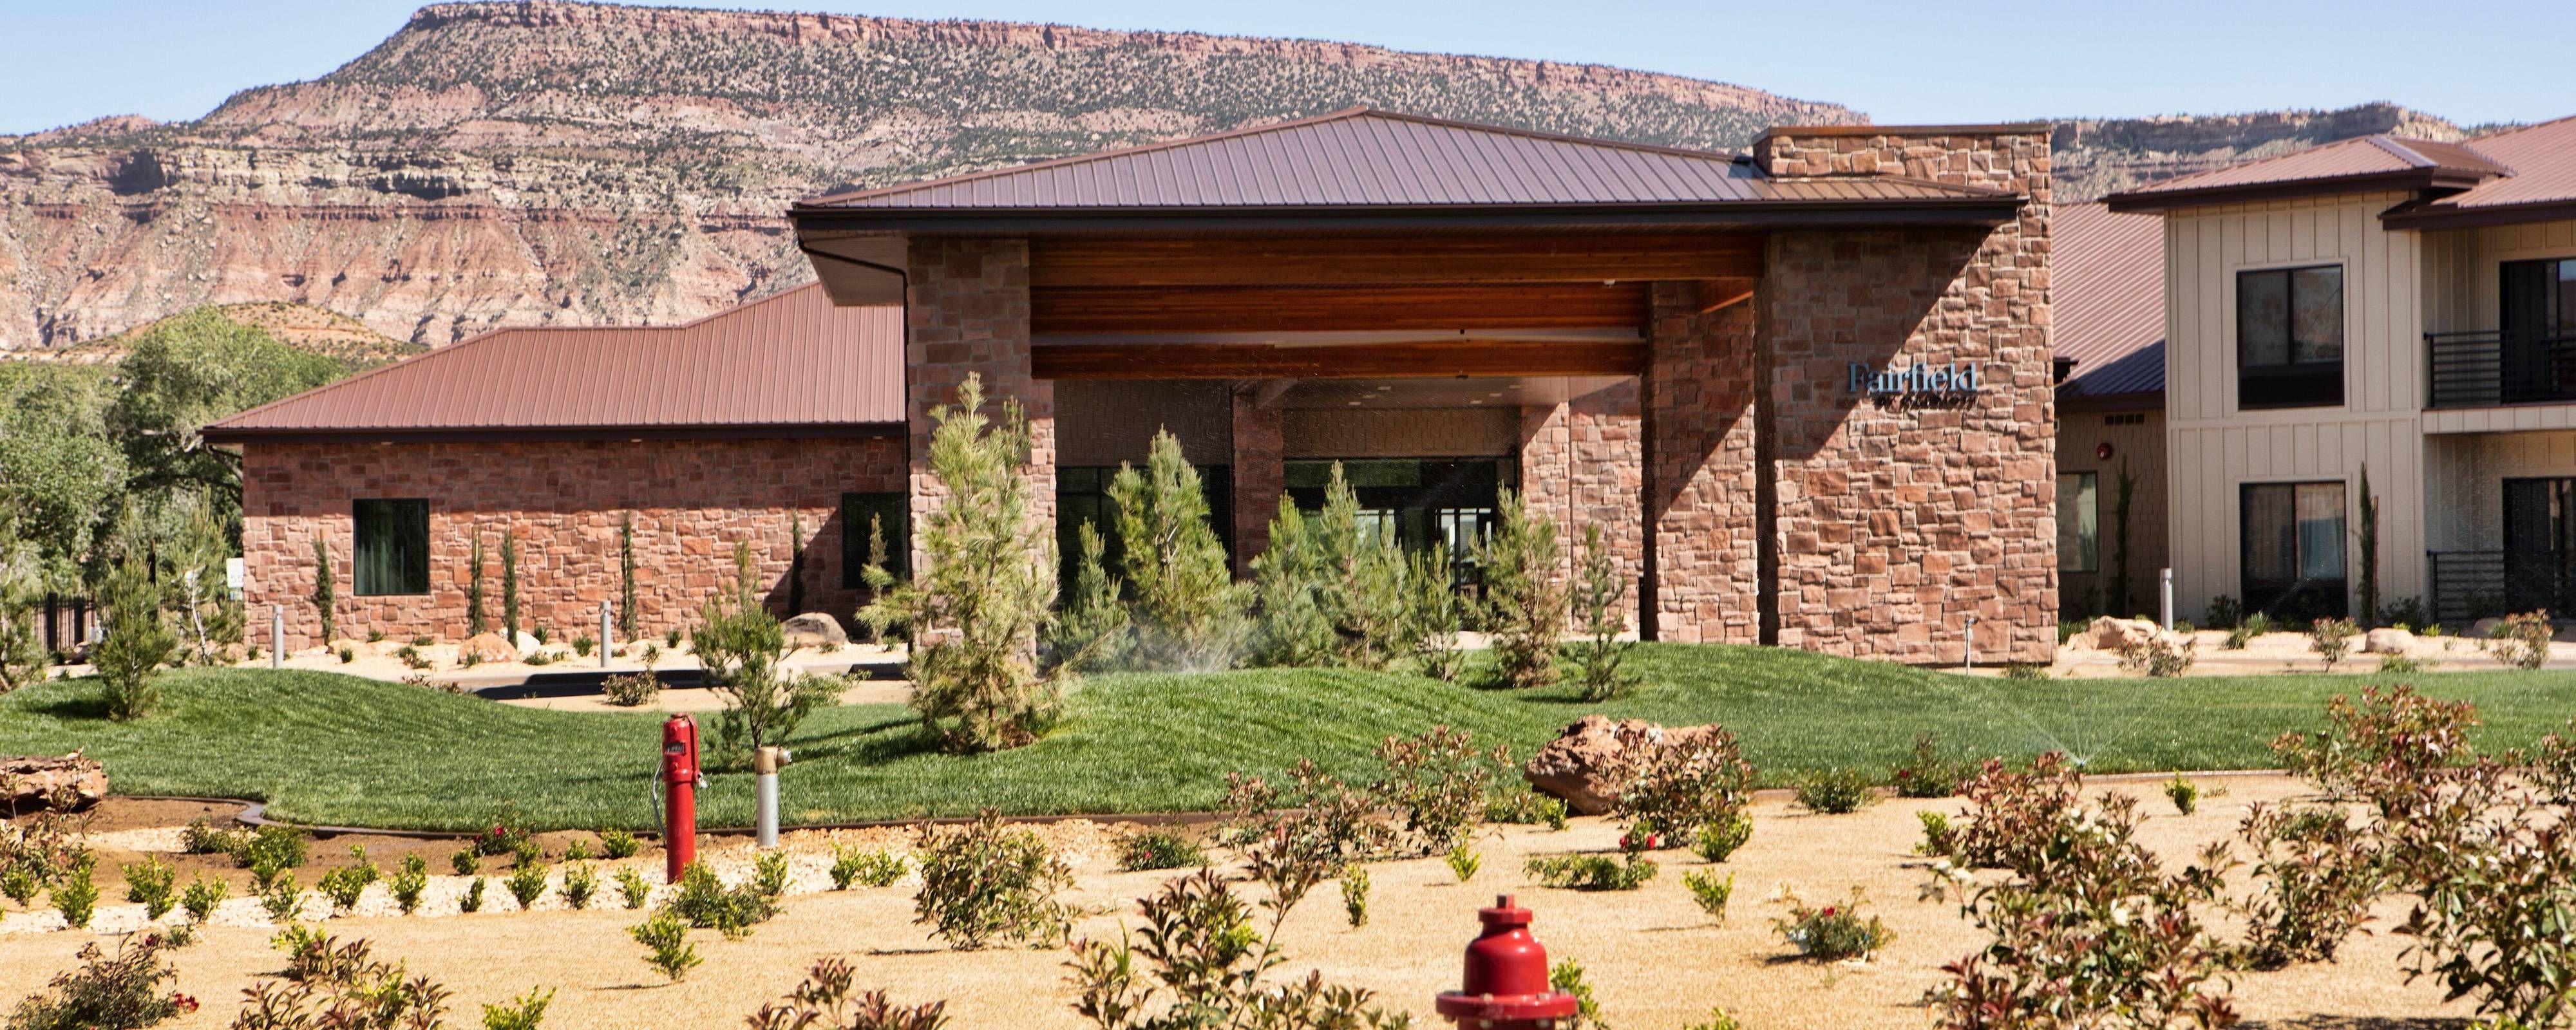 Virgin Hotel Reviews From Real Travelers Read Fairfield Inn Suites Virgin Zion National Park Guest Reviews Zion National Park National Parks Hotels In Utah